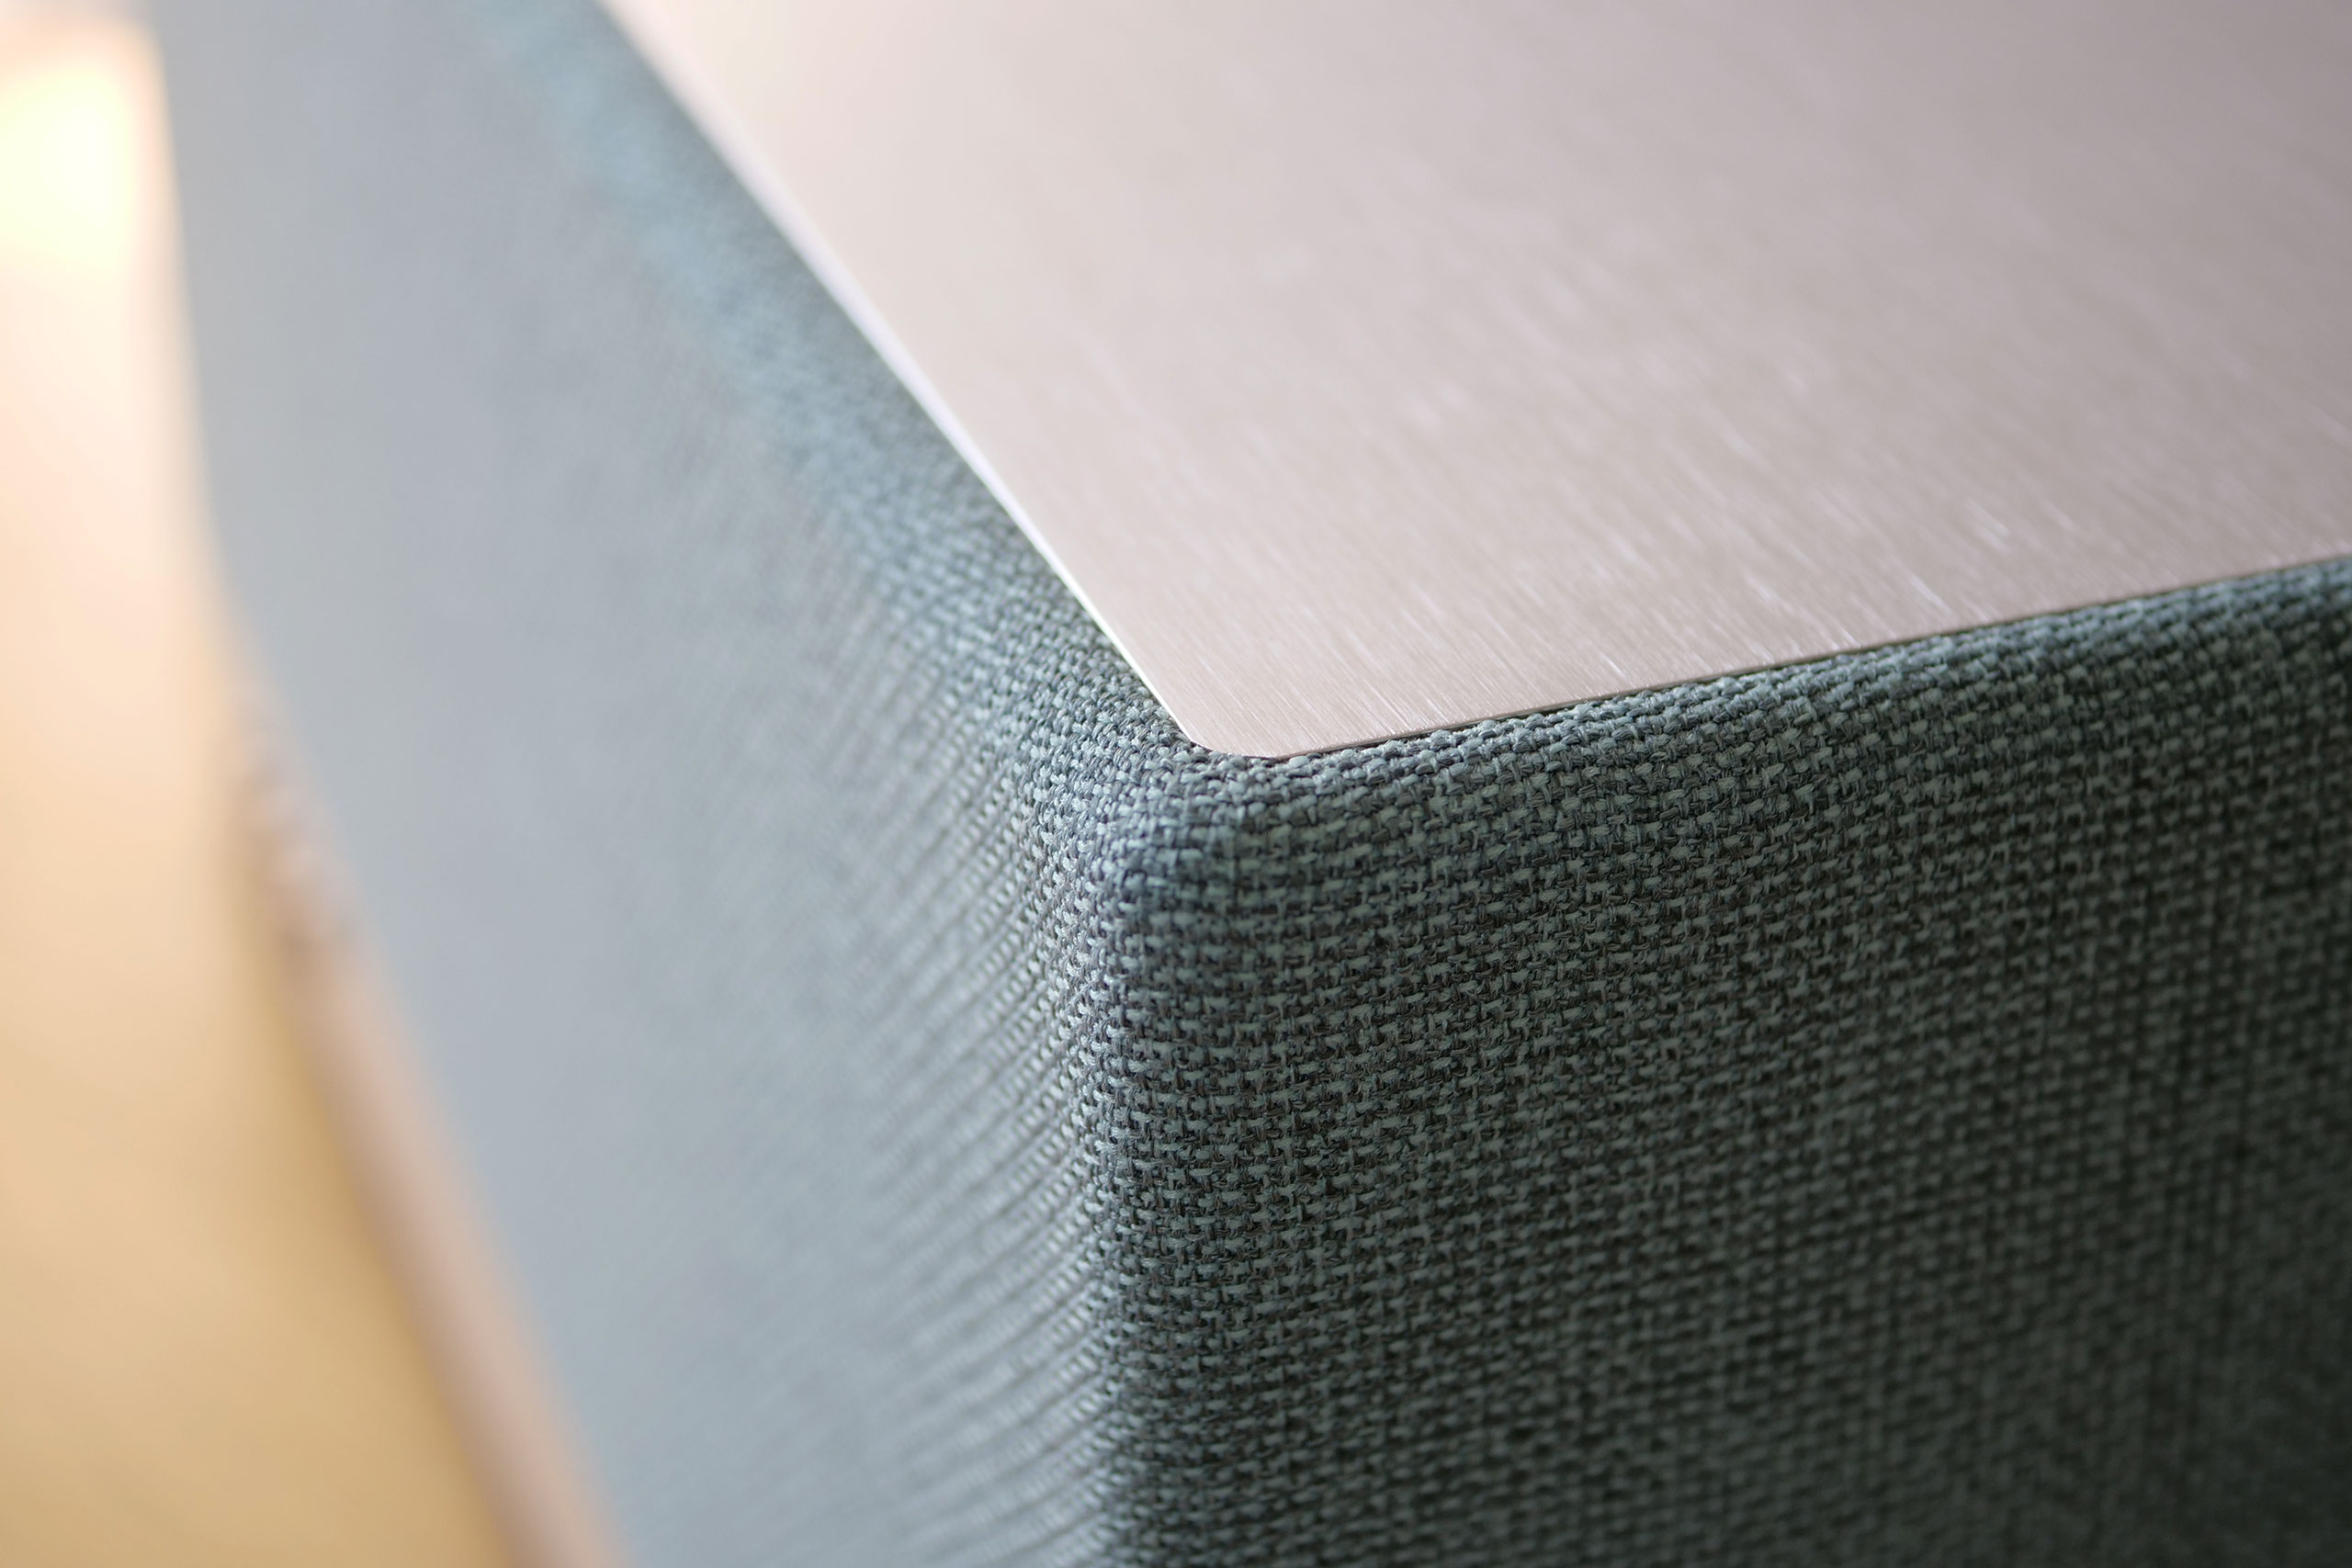 L'AIO 3 fait appel à un tissu très tendance recouvrant une bonne partie de l'enceinte, ici dans son coloris bleu.